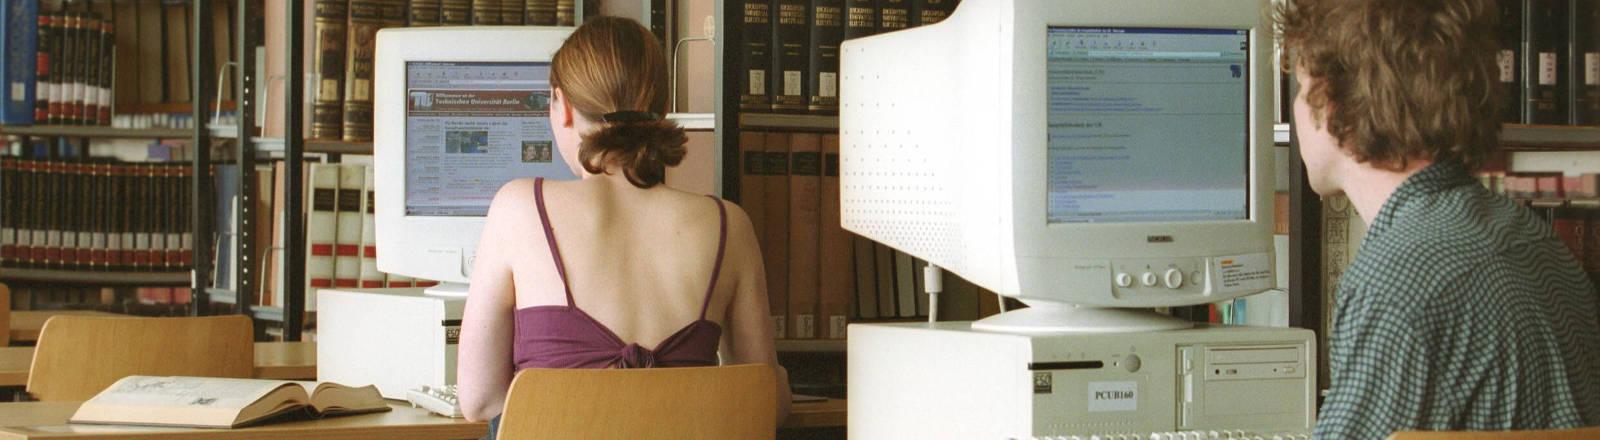 Zwei Studierende an PCs einer Hochschul-Bibliothek